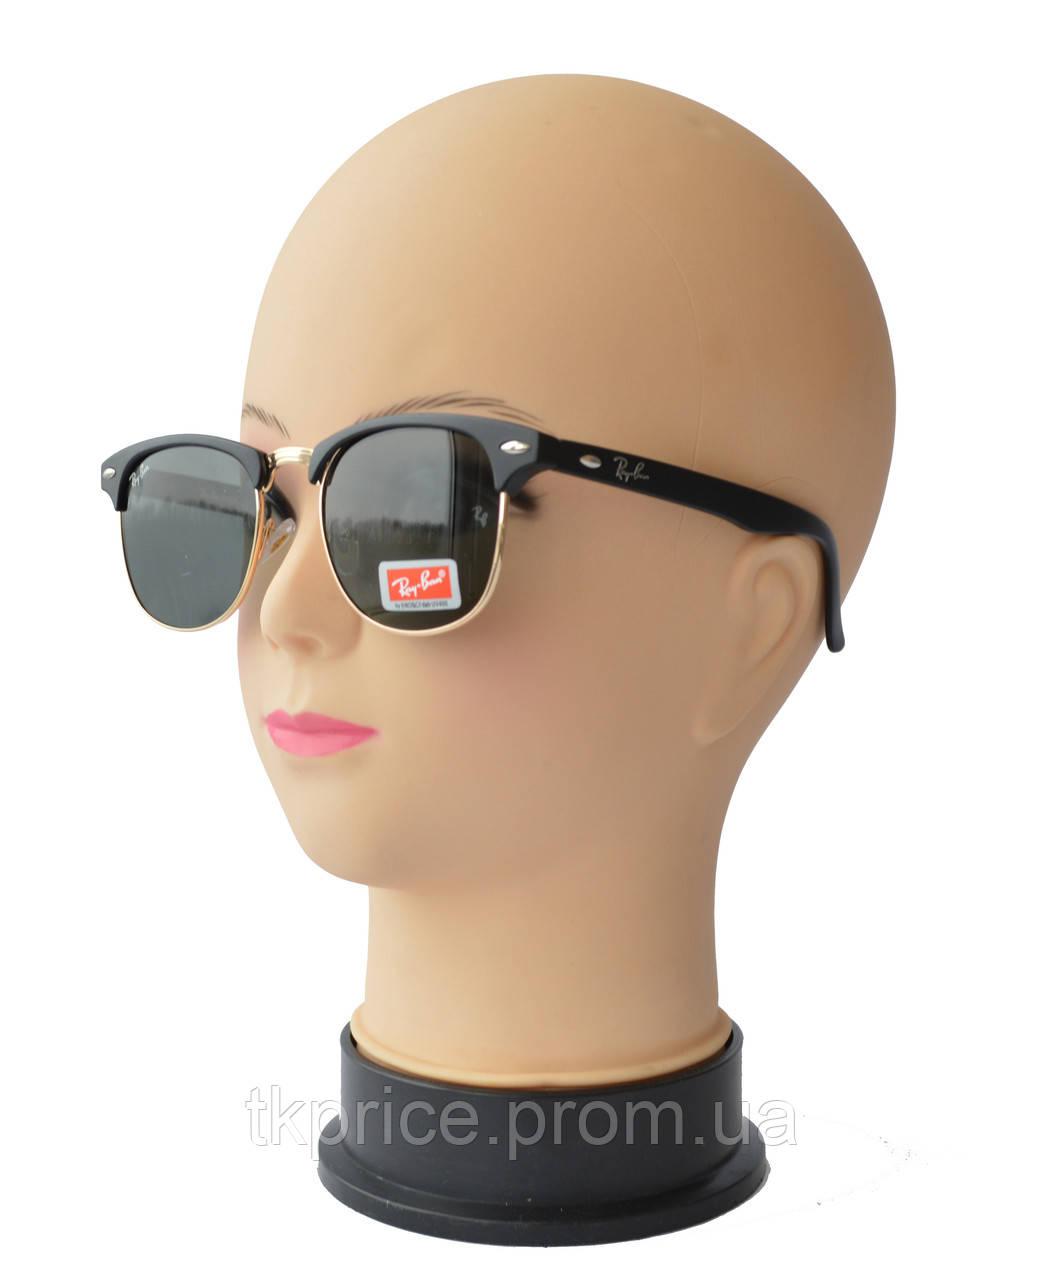 Солнцезащитные очки 2020 унисекс вайфареры со стеклянными линзами